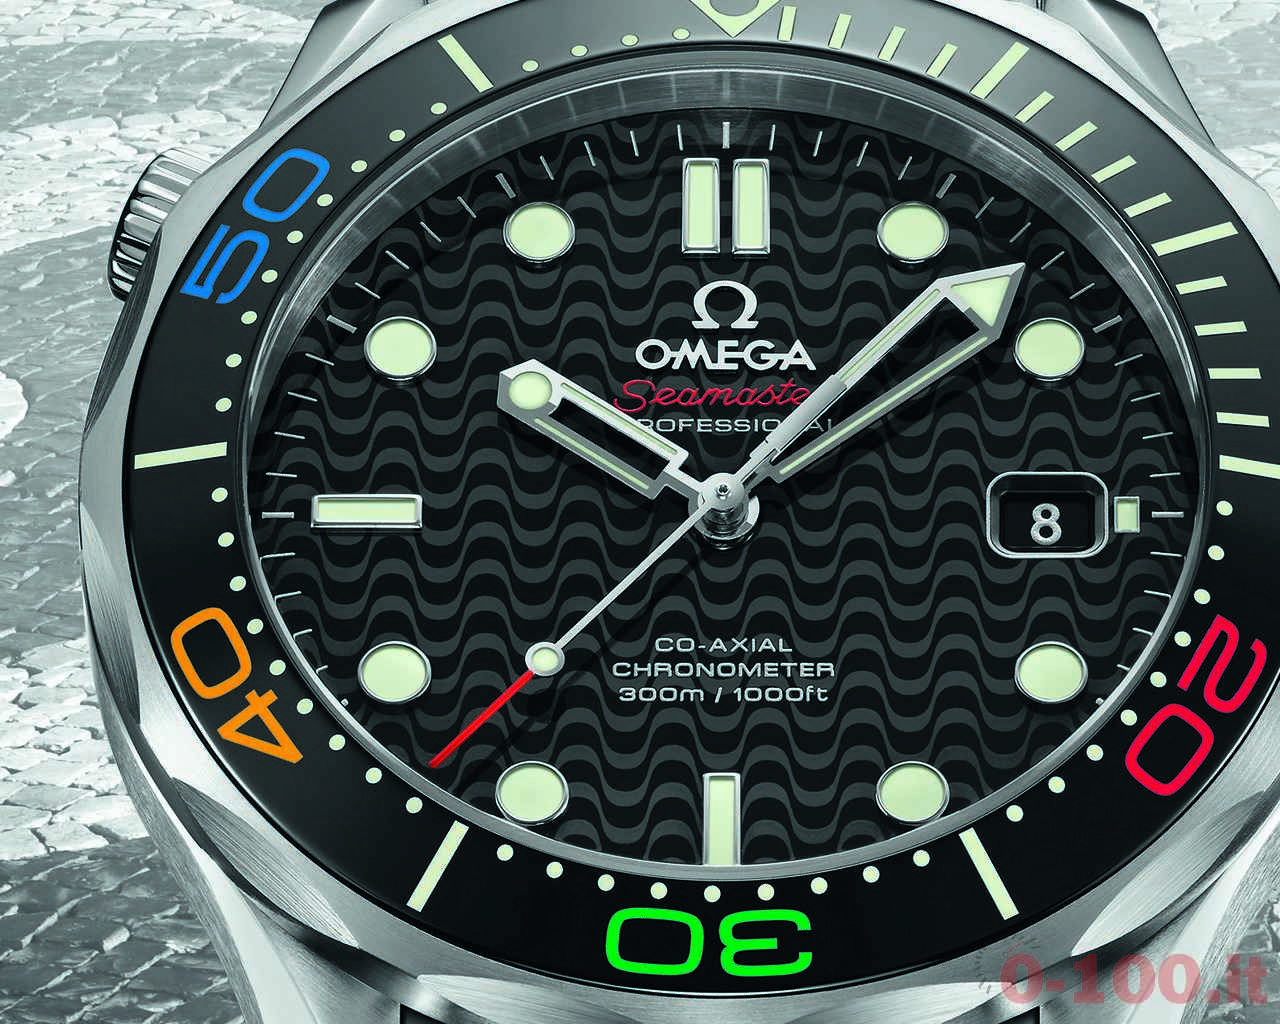 omega-seamaster-diver-300m-rio-2016-limited-edition-prezzo-price_0-1002